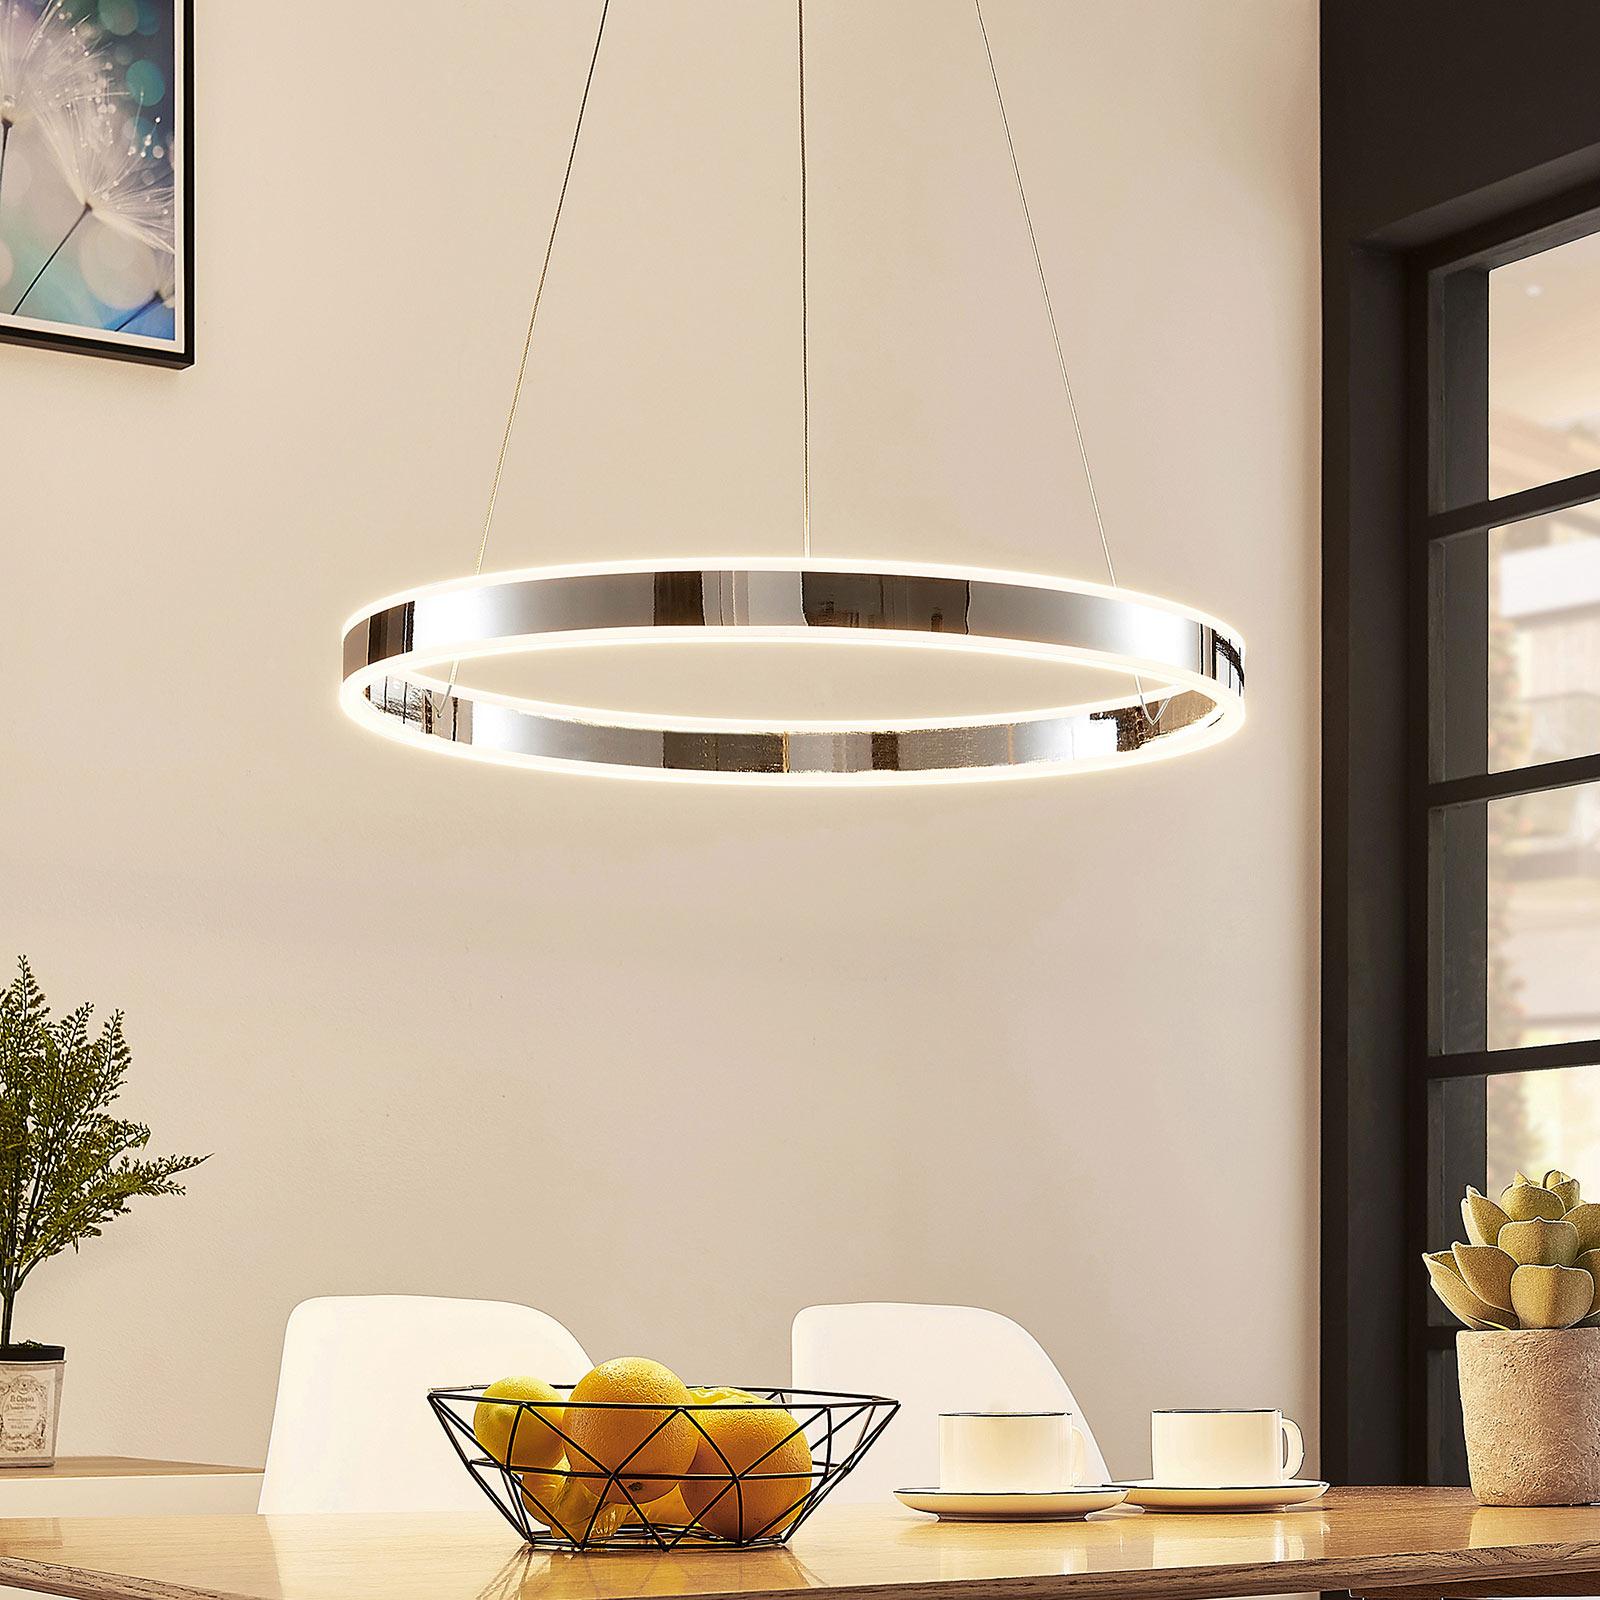 LED-Pendelleuchte Lyani in Chrom, dimmbar, 60 cm